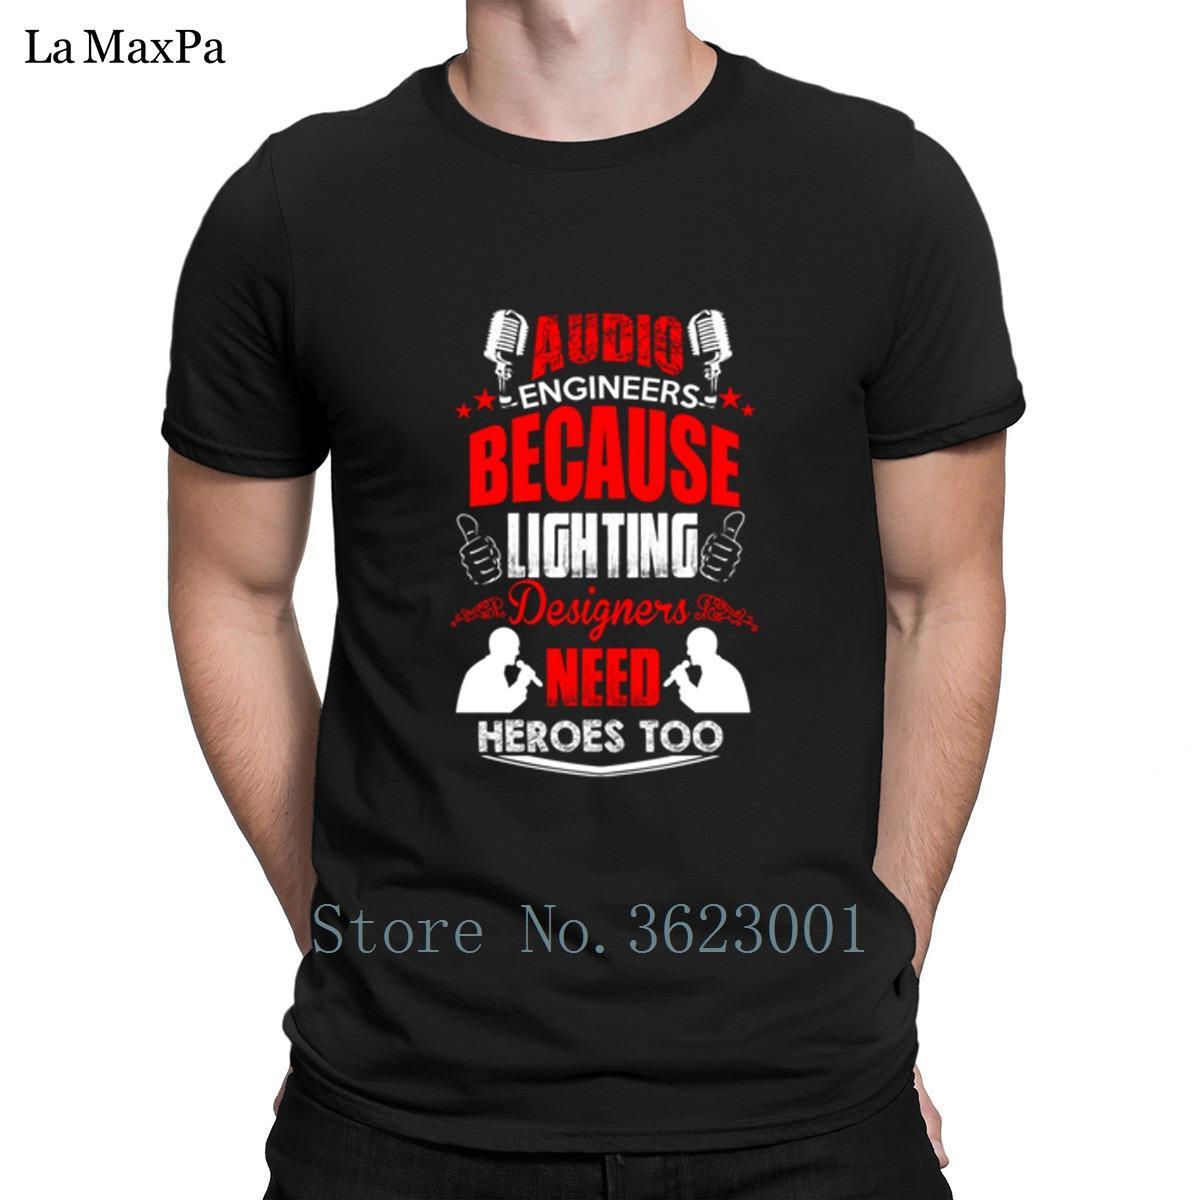 Letra T-shirt For Men Áudio Engenheiros de Iluminação designers precisam Heróis Estilo verão camisetas Slogan Men T-Shirt O-Neck presente